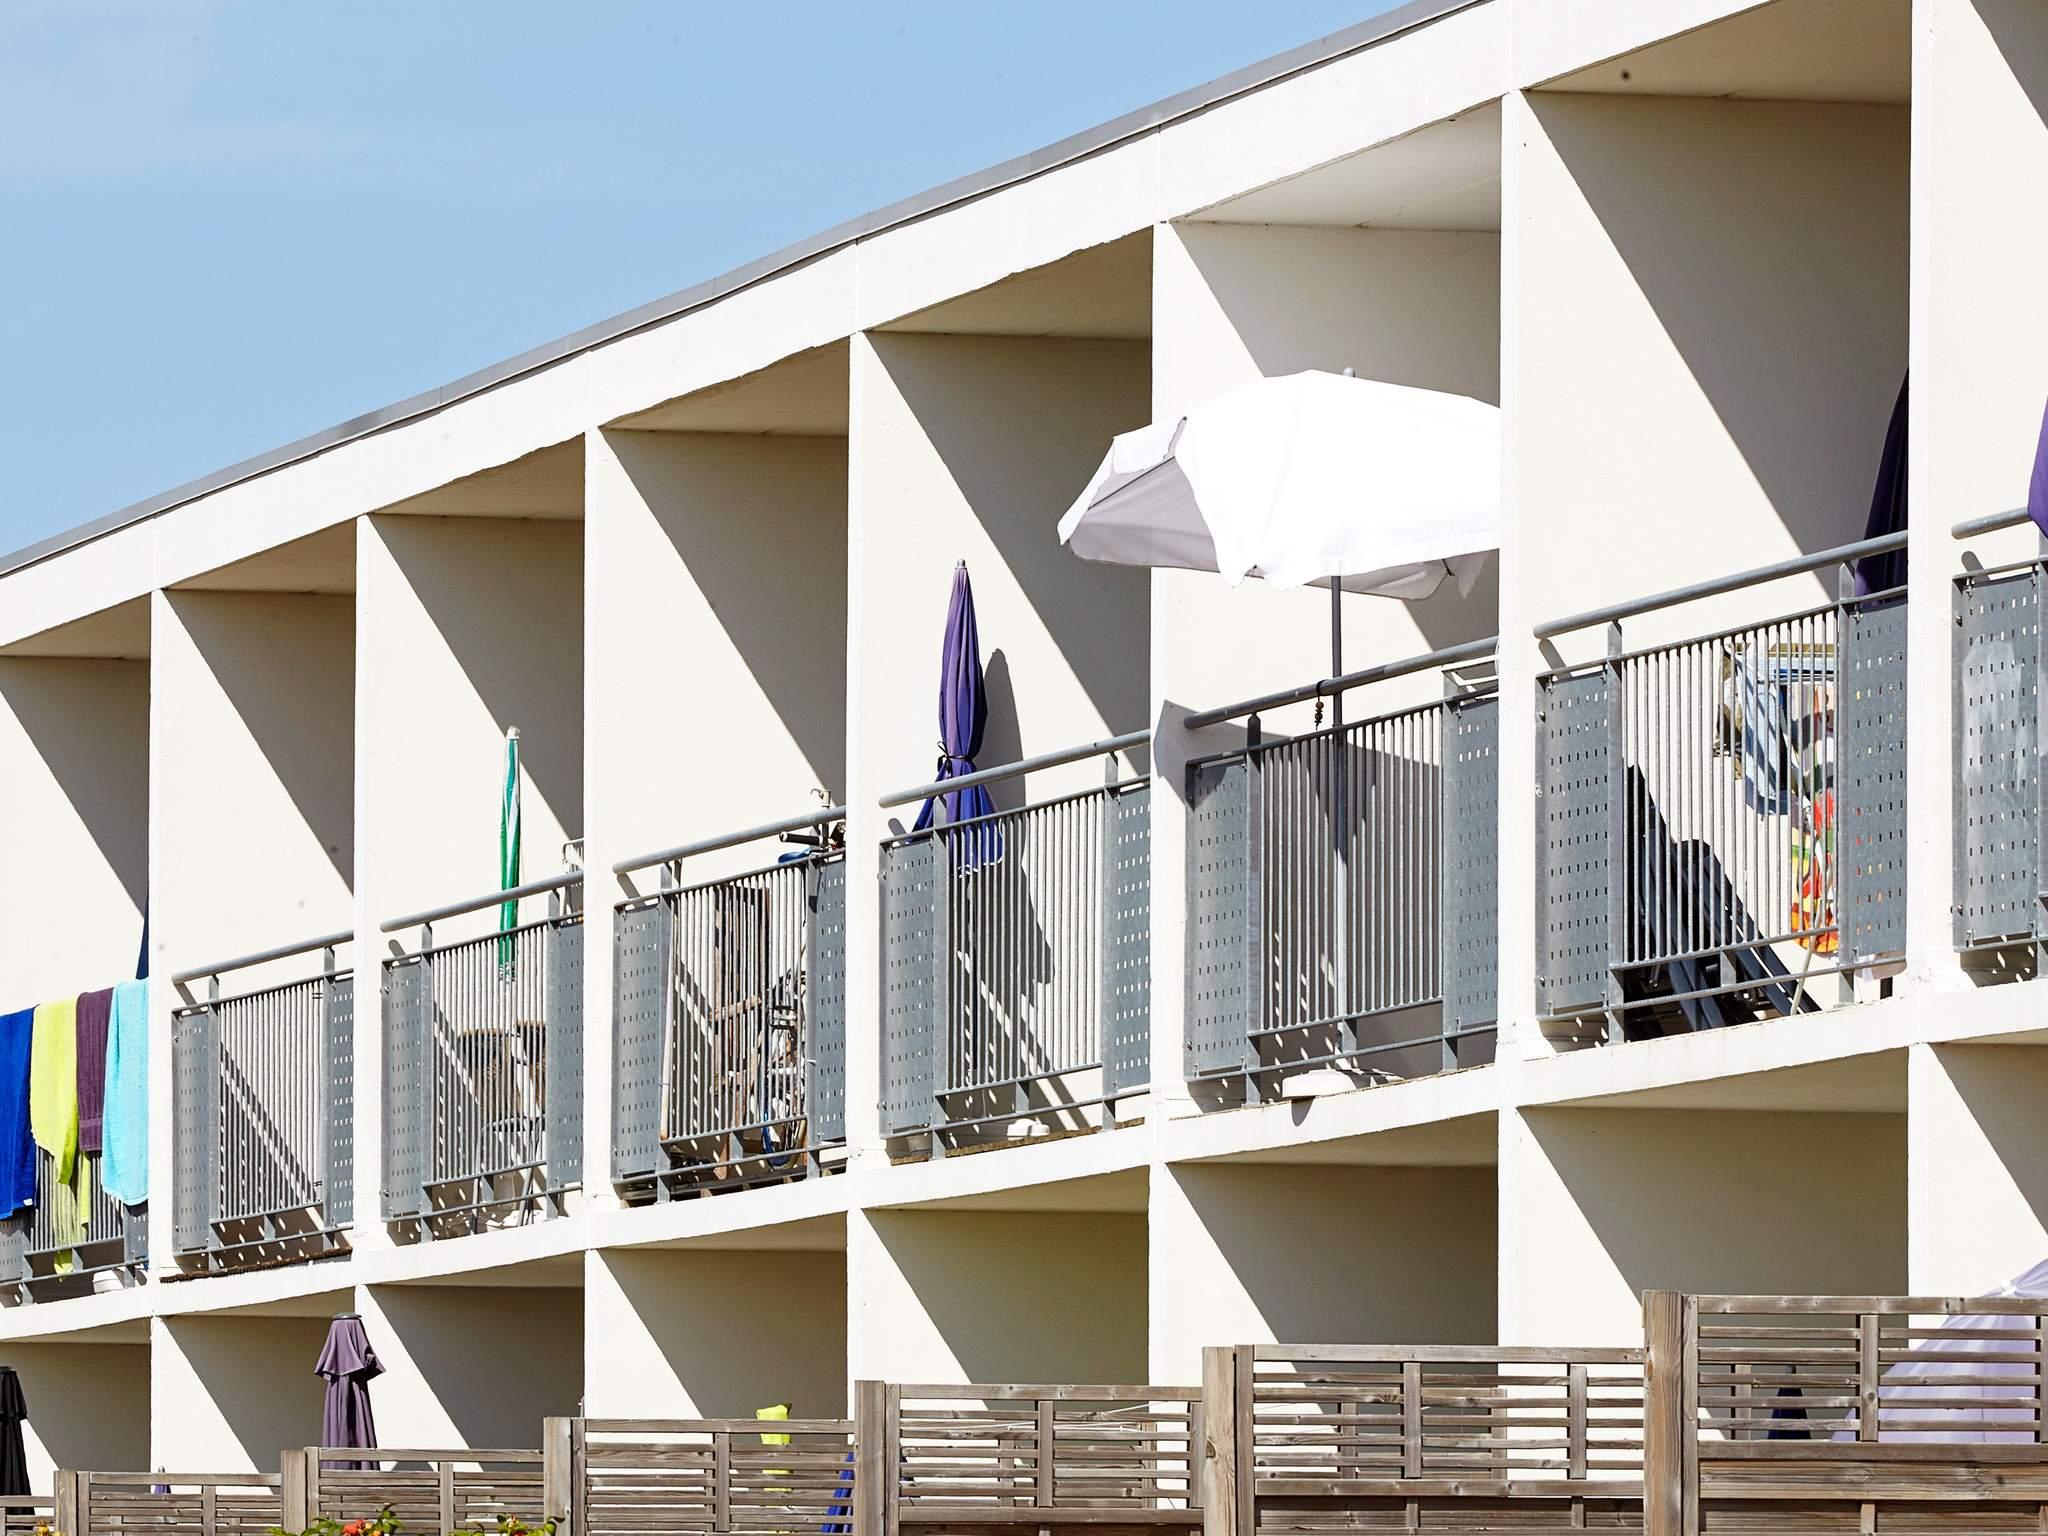 Ferienwohnung Bønnerup Strand - Typ 5 - 3 Zimmer,1.stock,Penthouse (1719346), Bønnerup, , Ostjütland, Dänemark, Bild 29